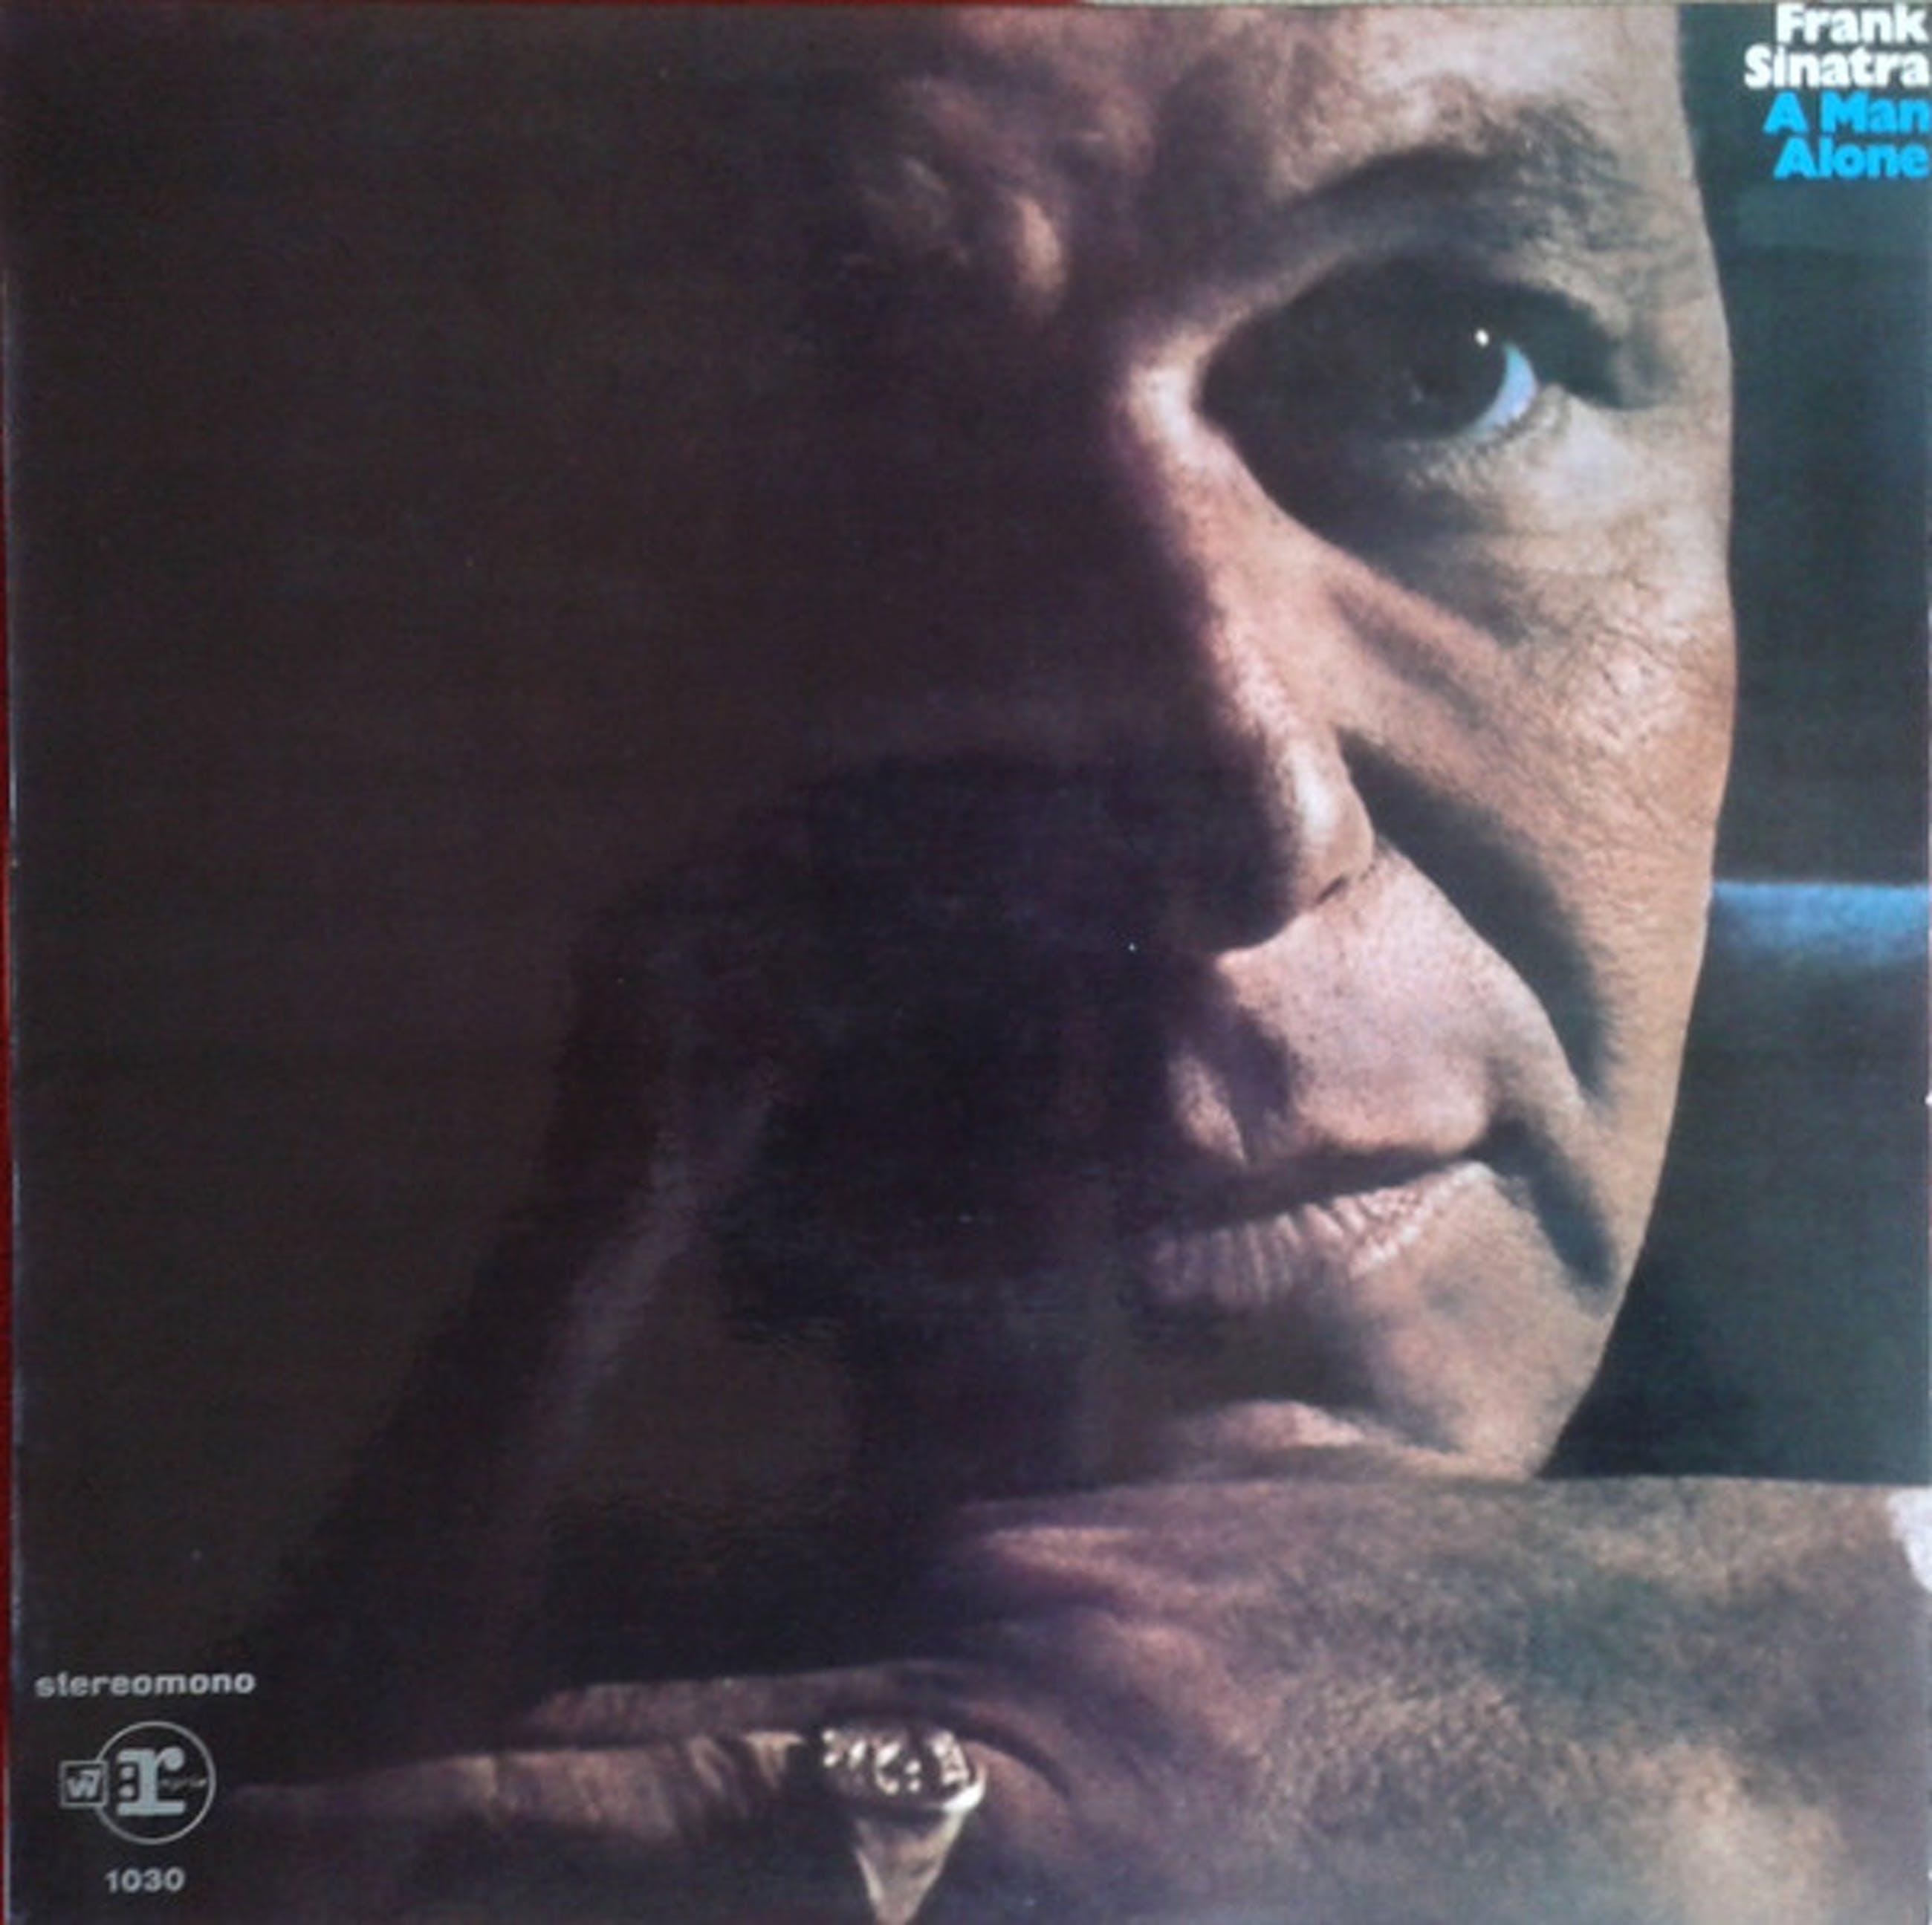 Frank Sinatra - A Man Alone kopen? Bied vanaf 1!